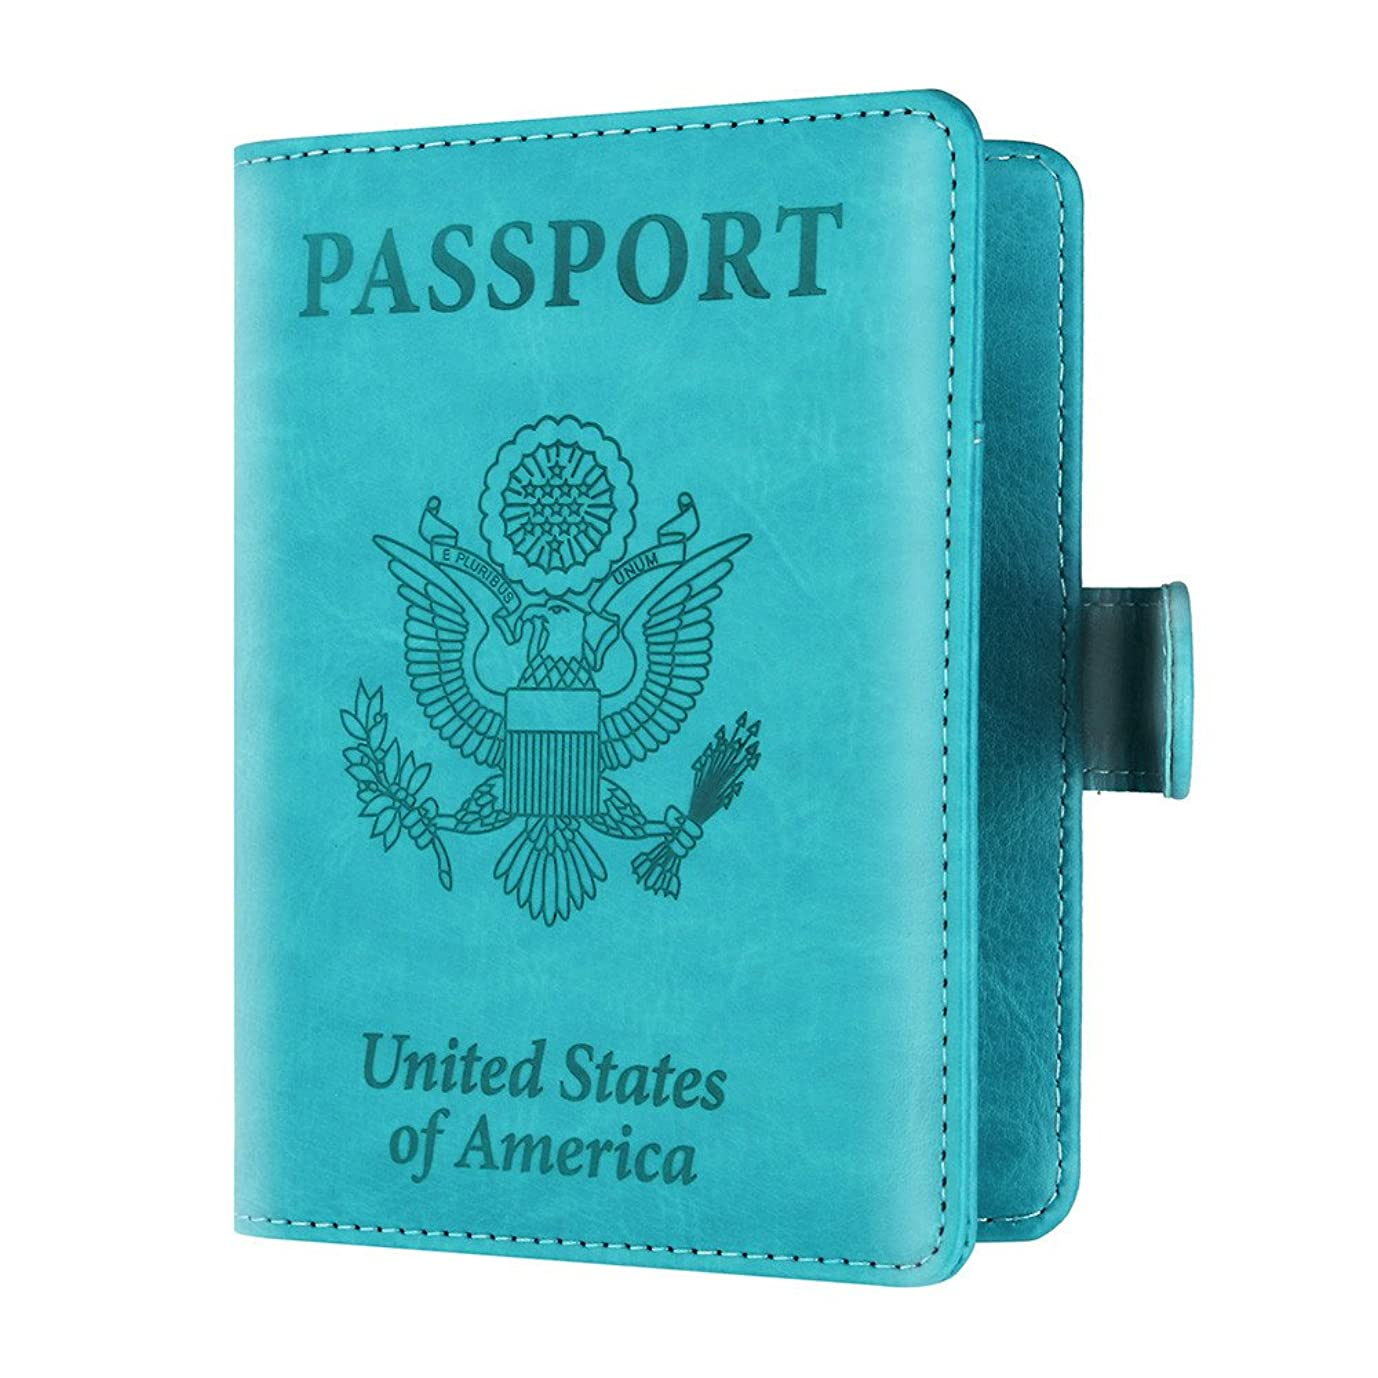 免疫する触手チャーターパスポートケース カバー 単色 掛け金 反磁性証明書 カードバッグ パスポートパッケージ